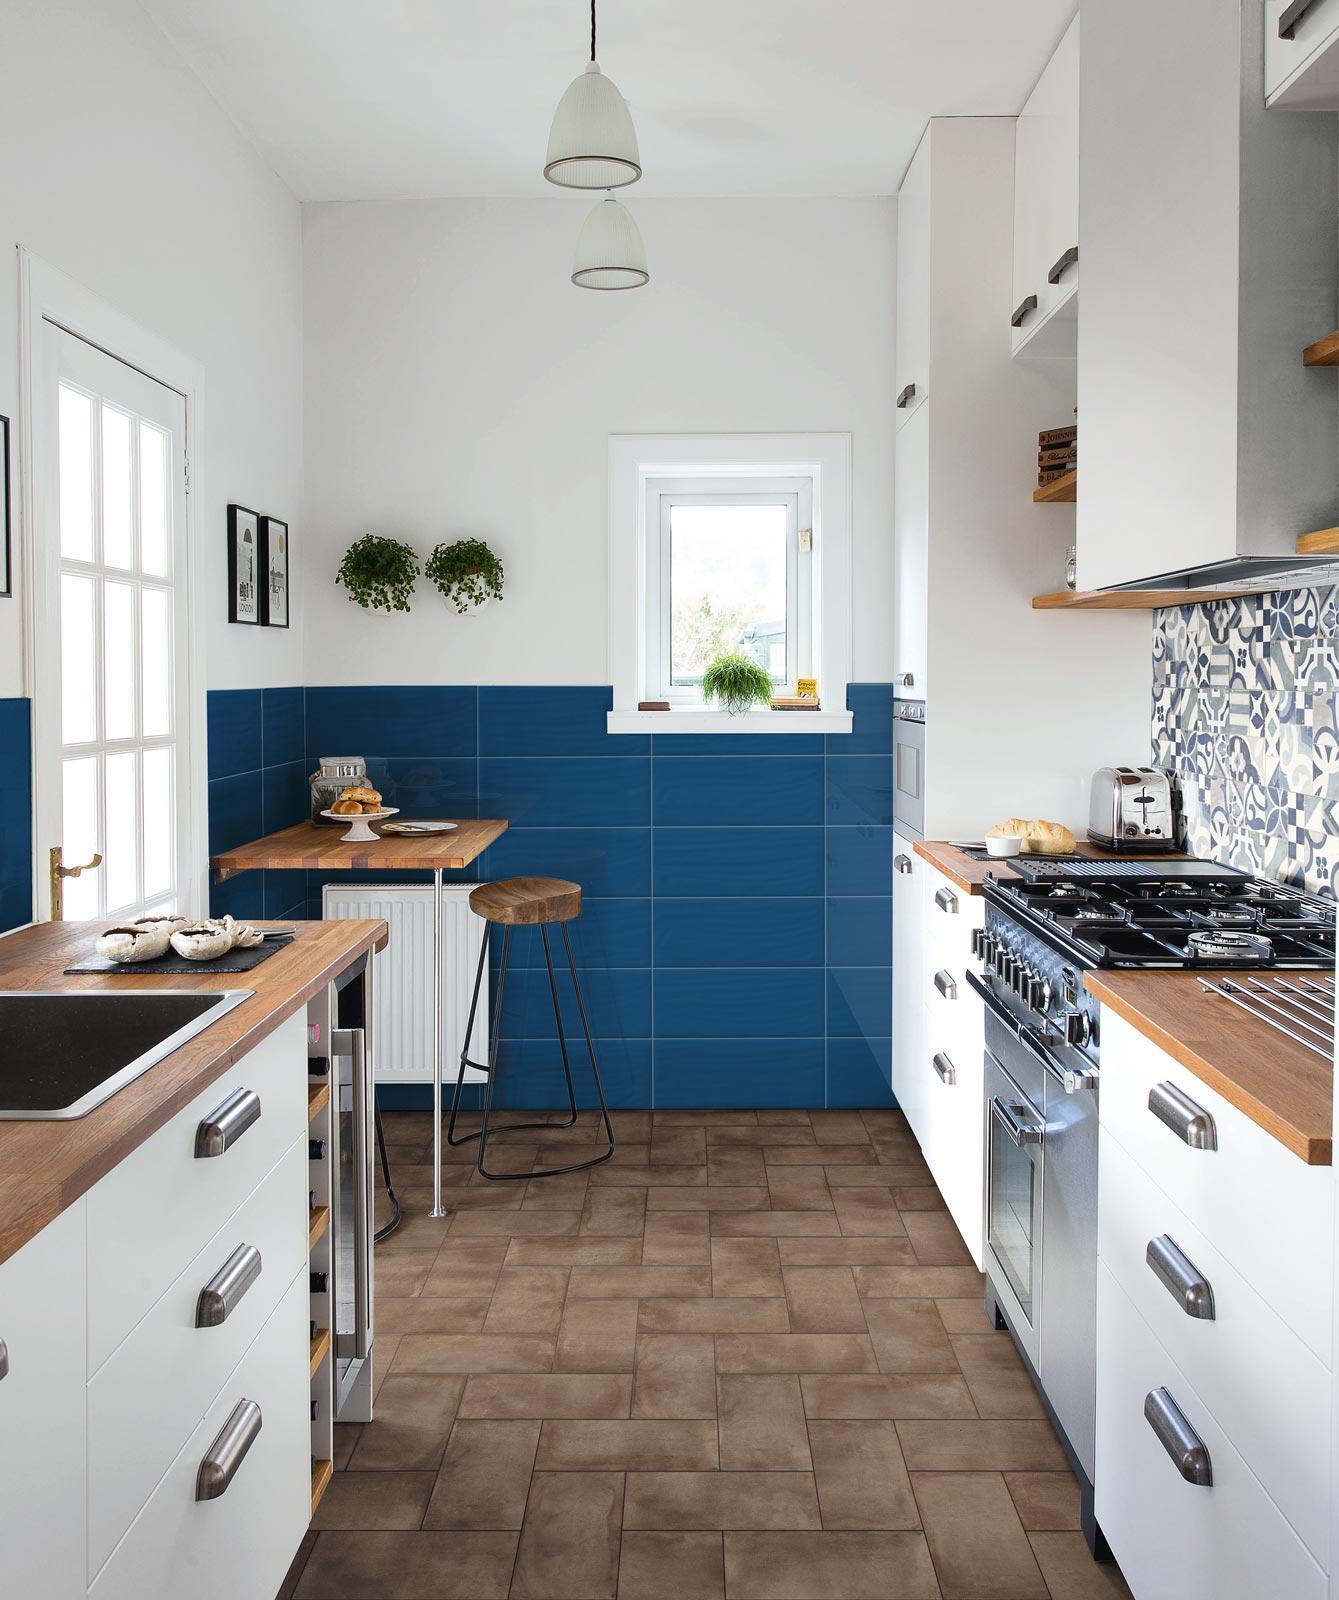 Cucina Bianca E Azzurra. Free Cucina Bianca E Azzurra With Cucina ...